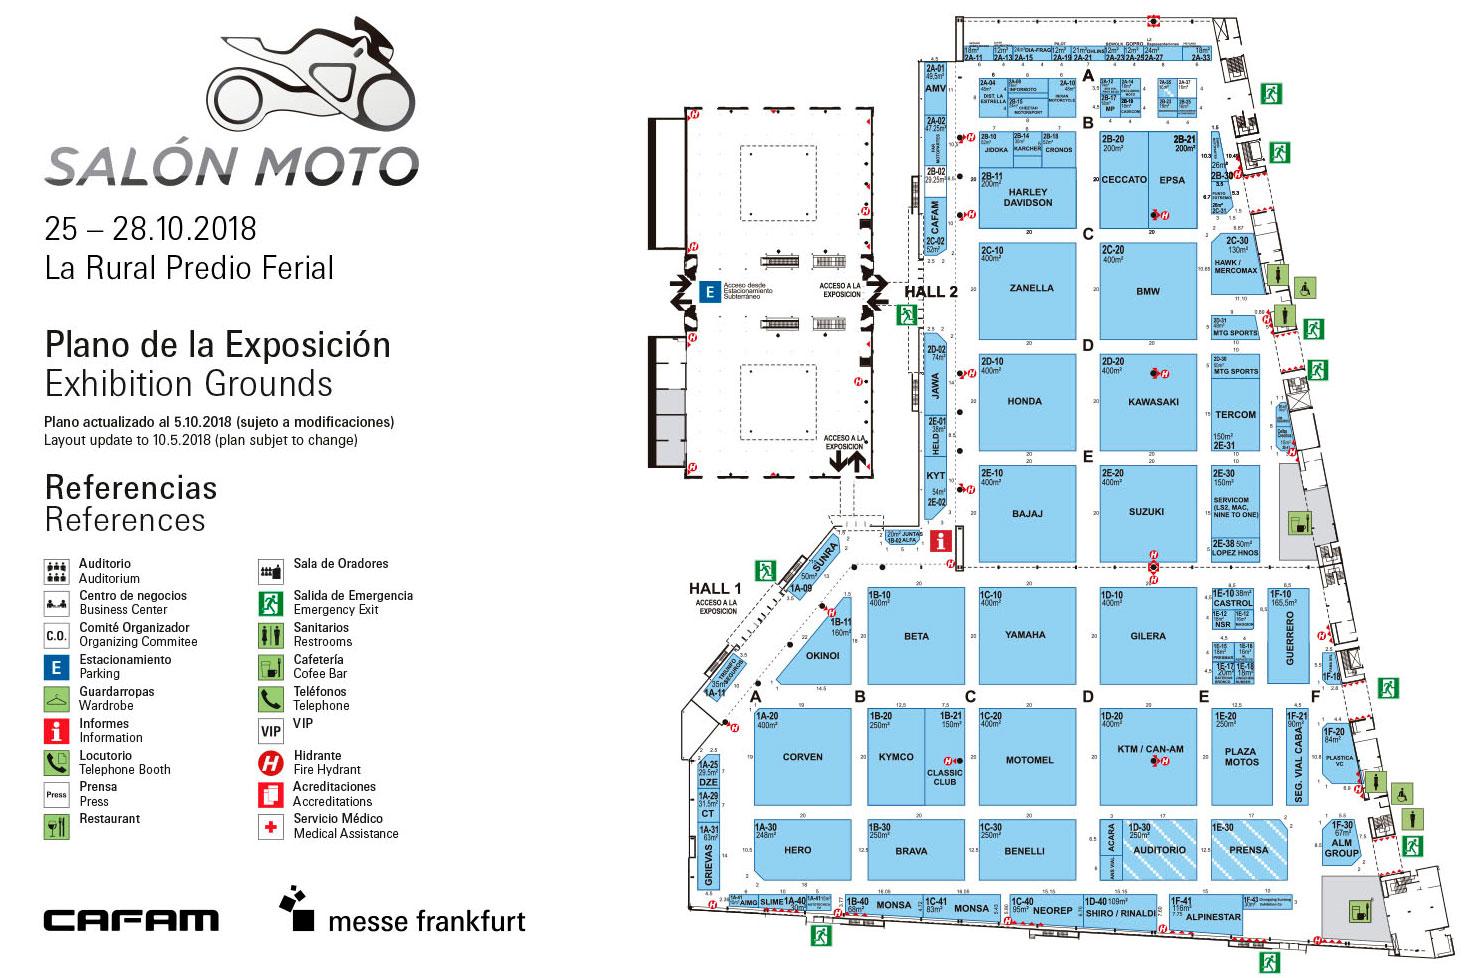 Salón Moto 2018 Buenos Aires: Todo lo que tenés que saber: precios de entradas, horarios y más